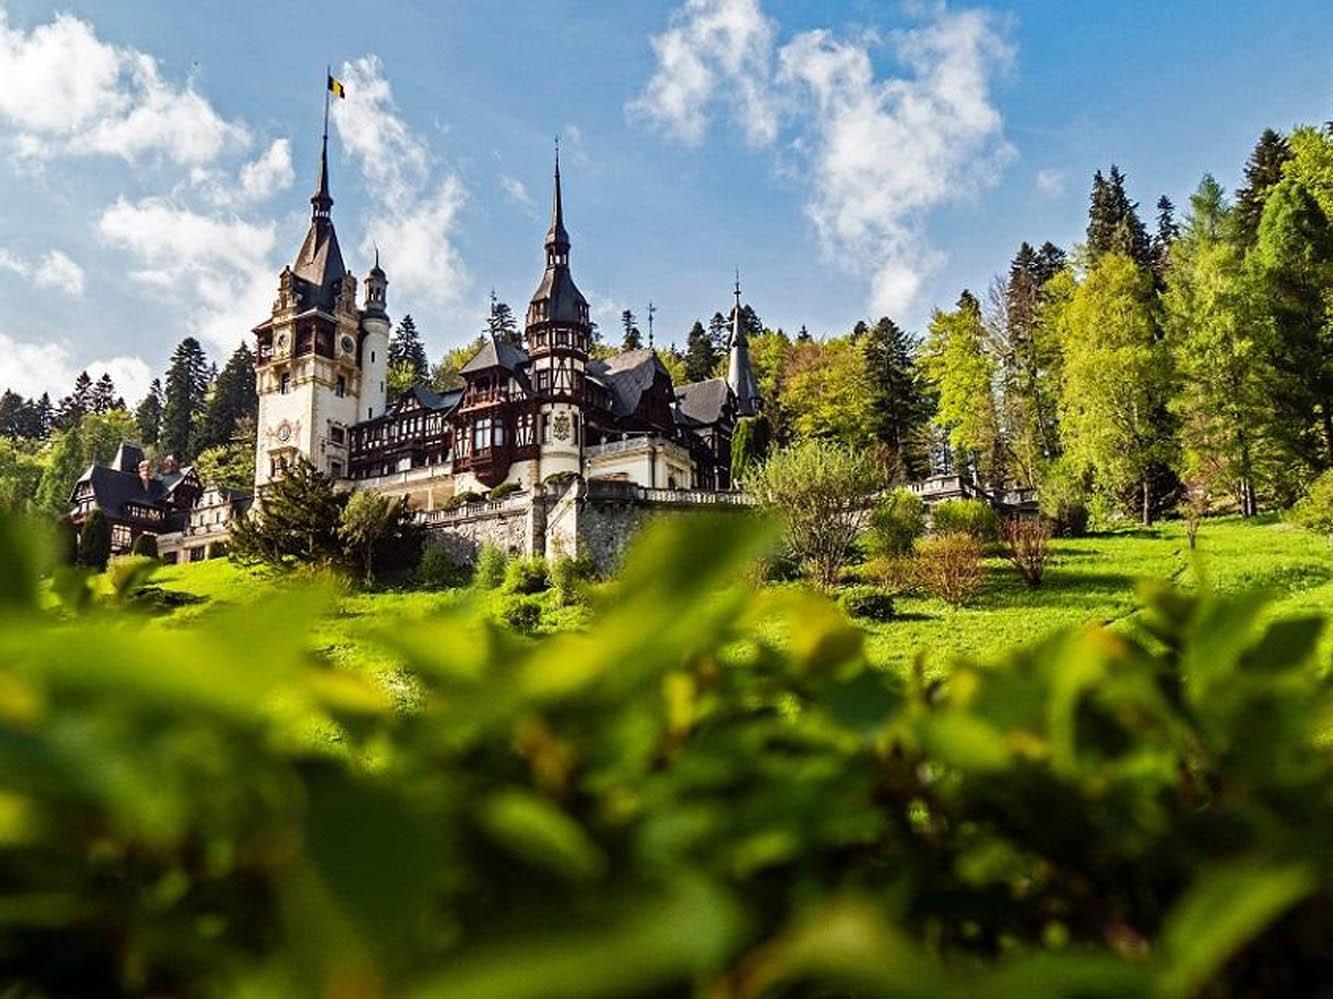 Φθηνοί προορισμοί στην Ευρώπη-Ρουμανία